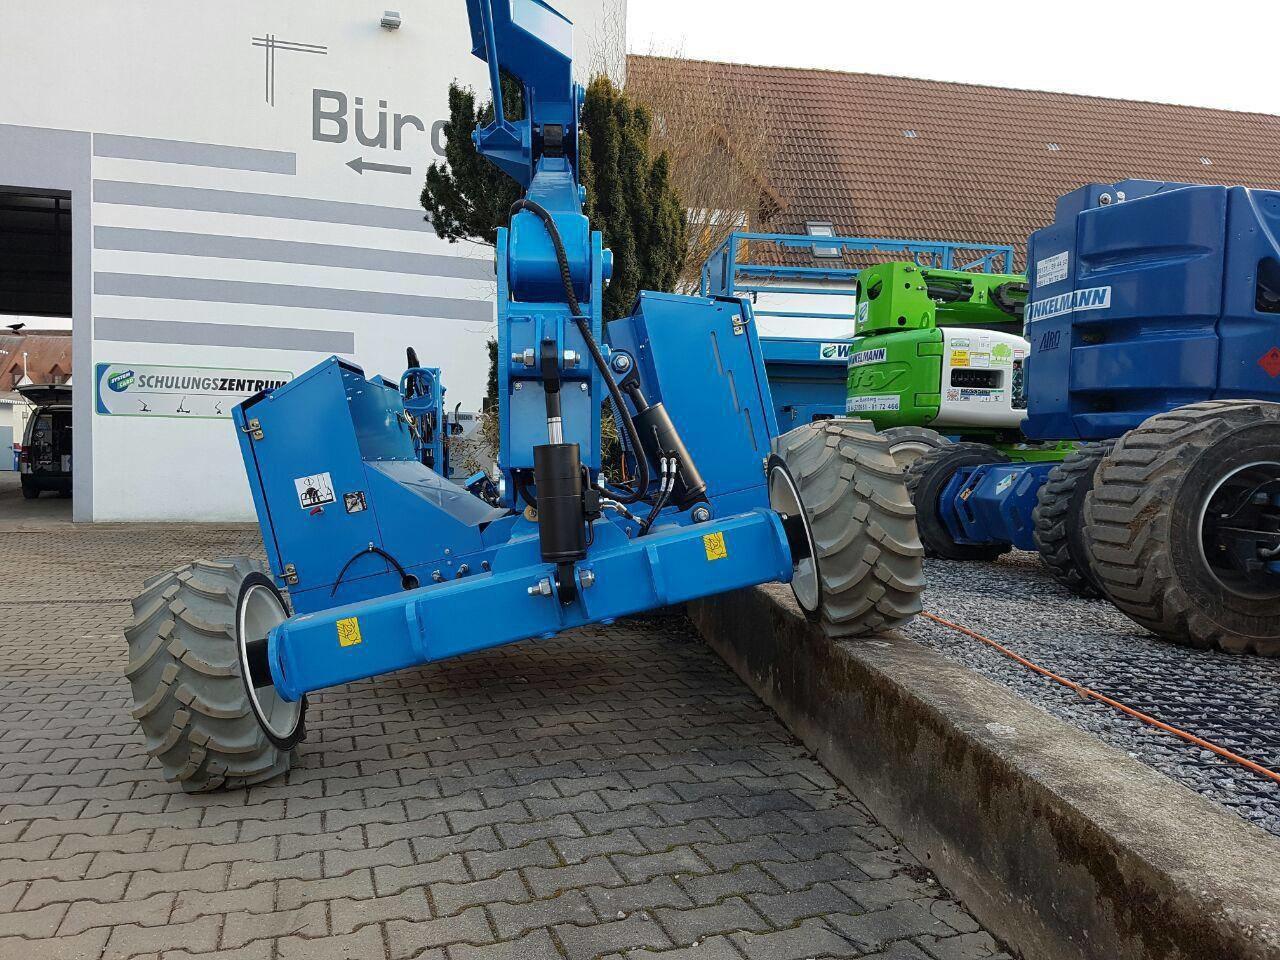 Winkelmann G. Arbeitsbühnen GmbH